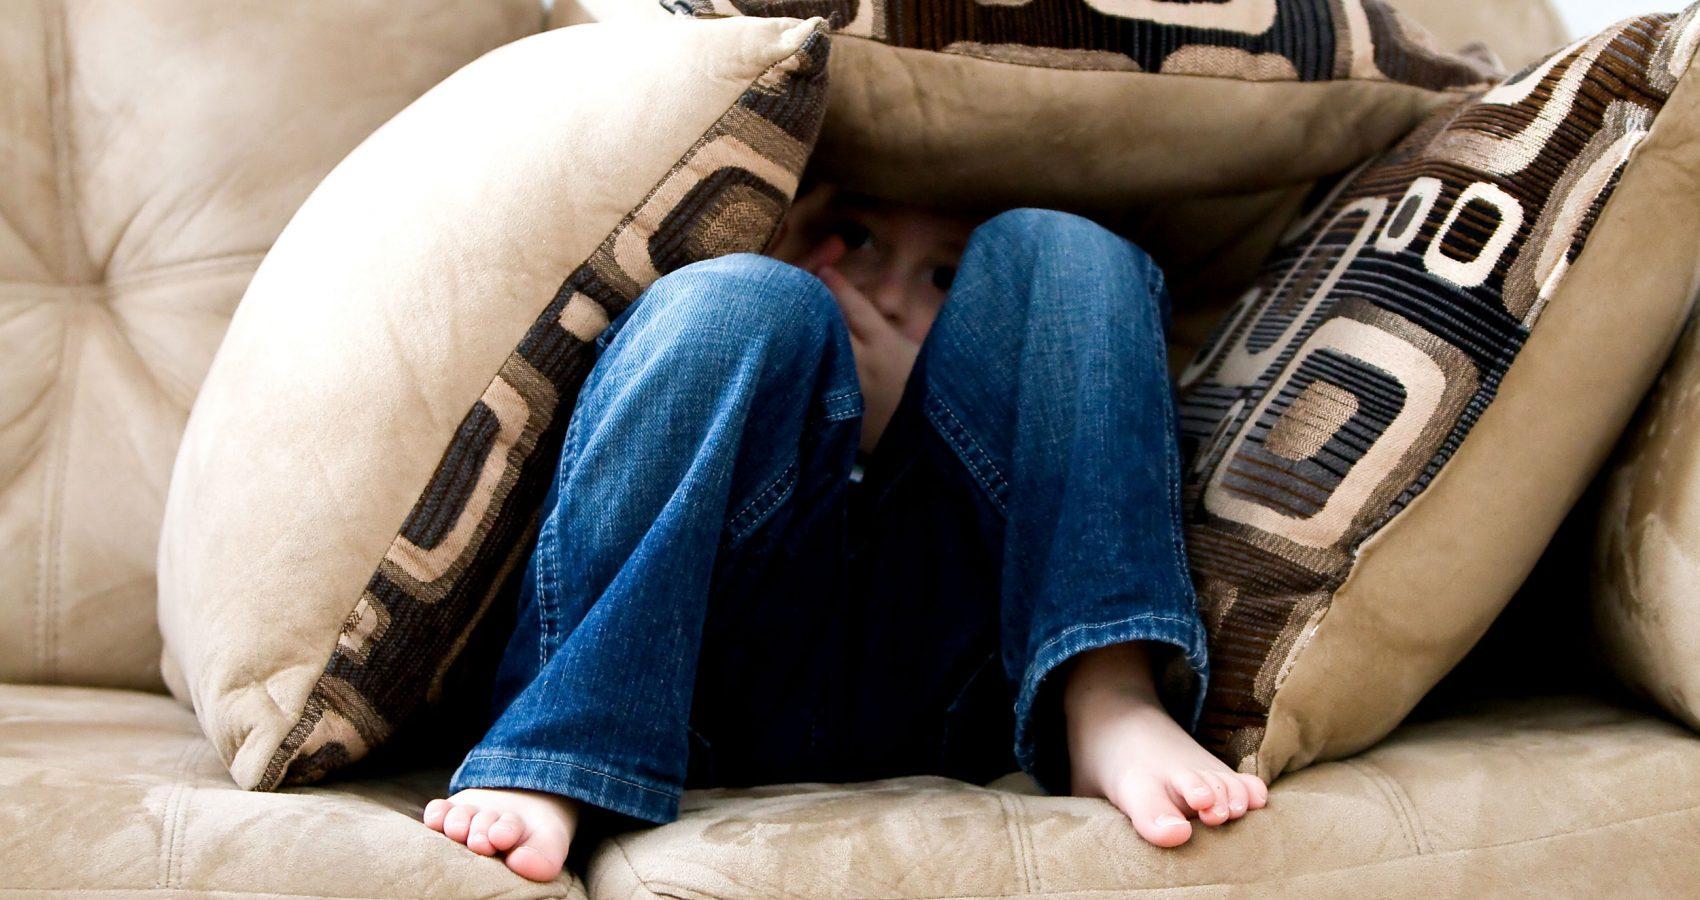 Stygmatyzacja ze względu na wygląd – jak uchronić dziecko?